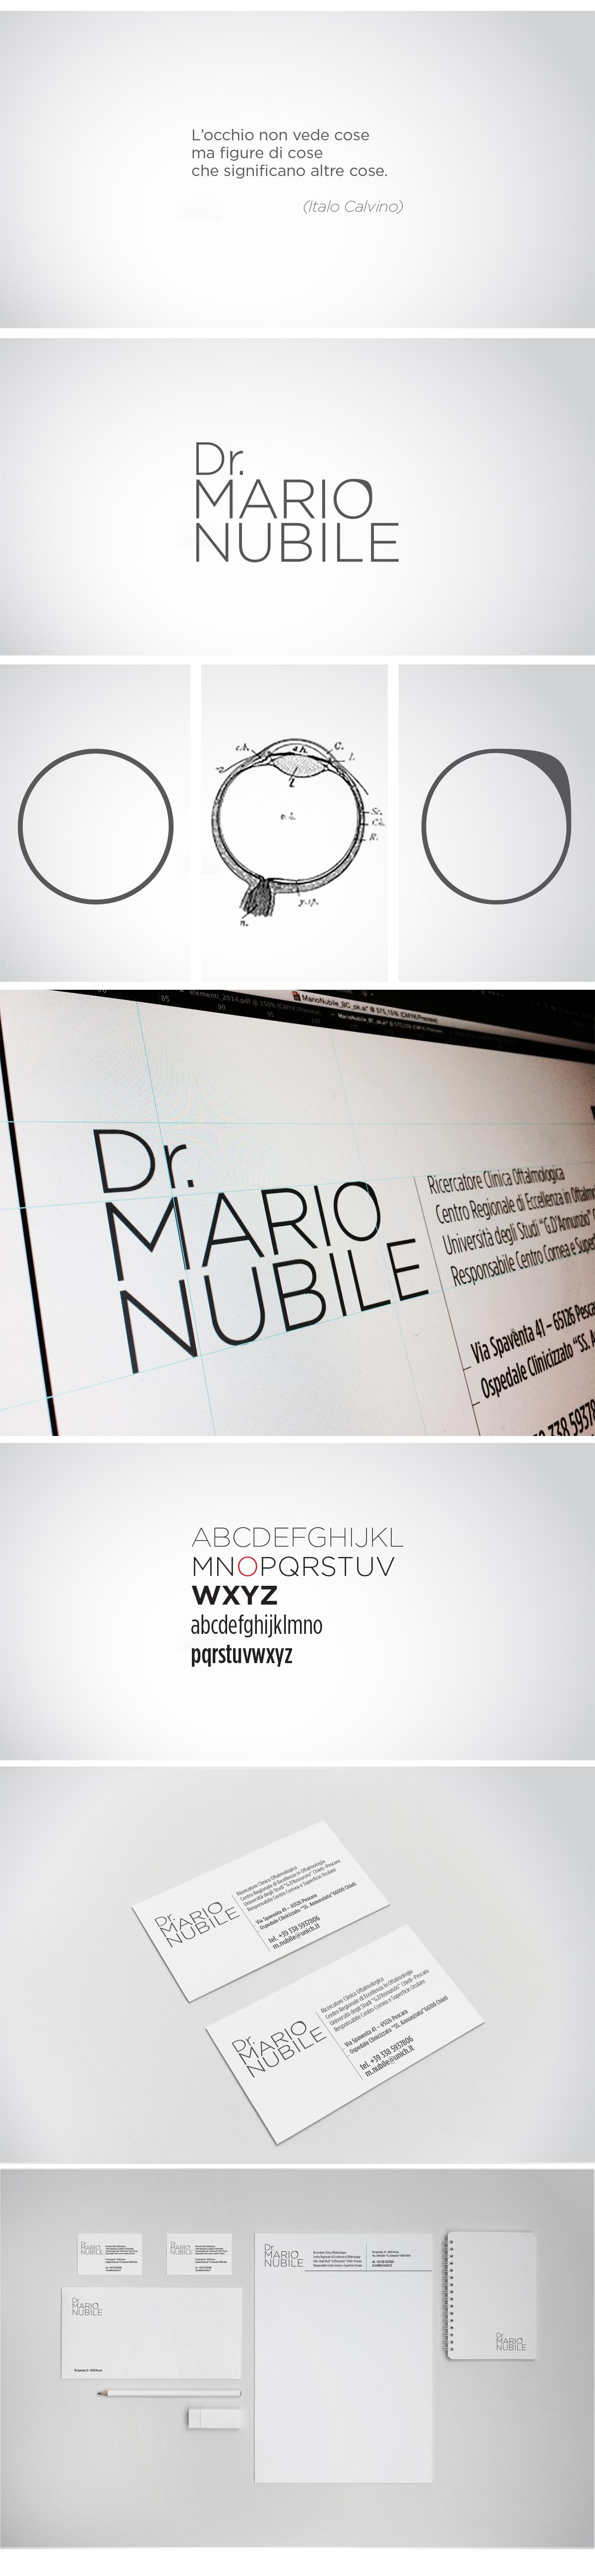 marionubile_behance